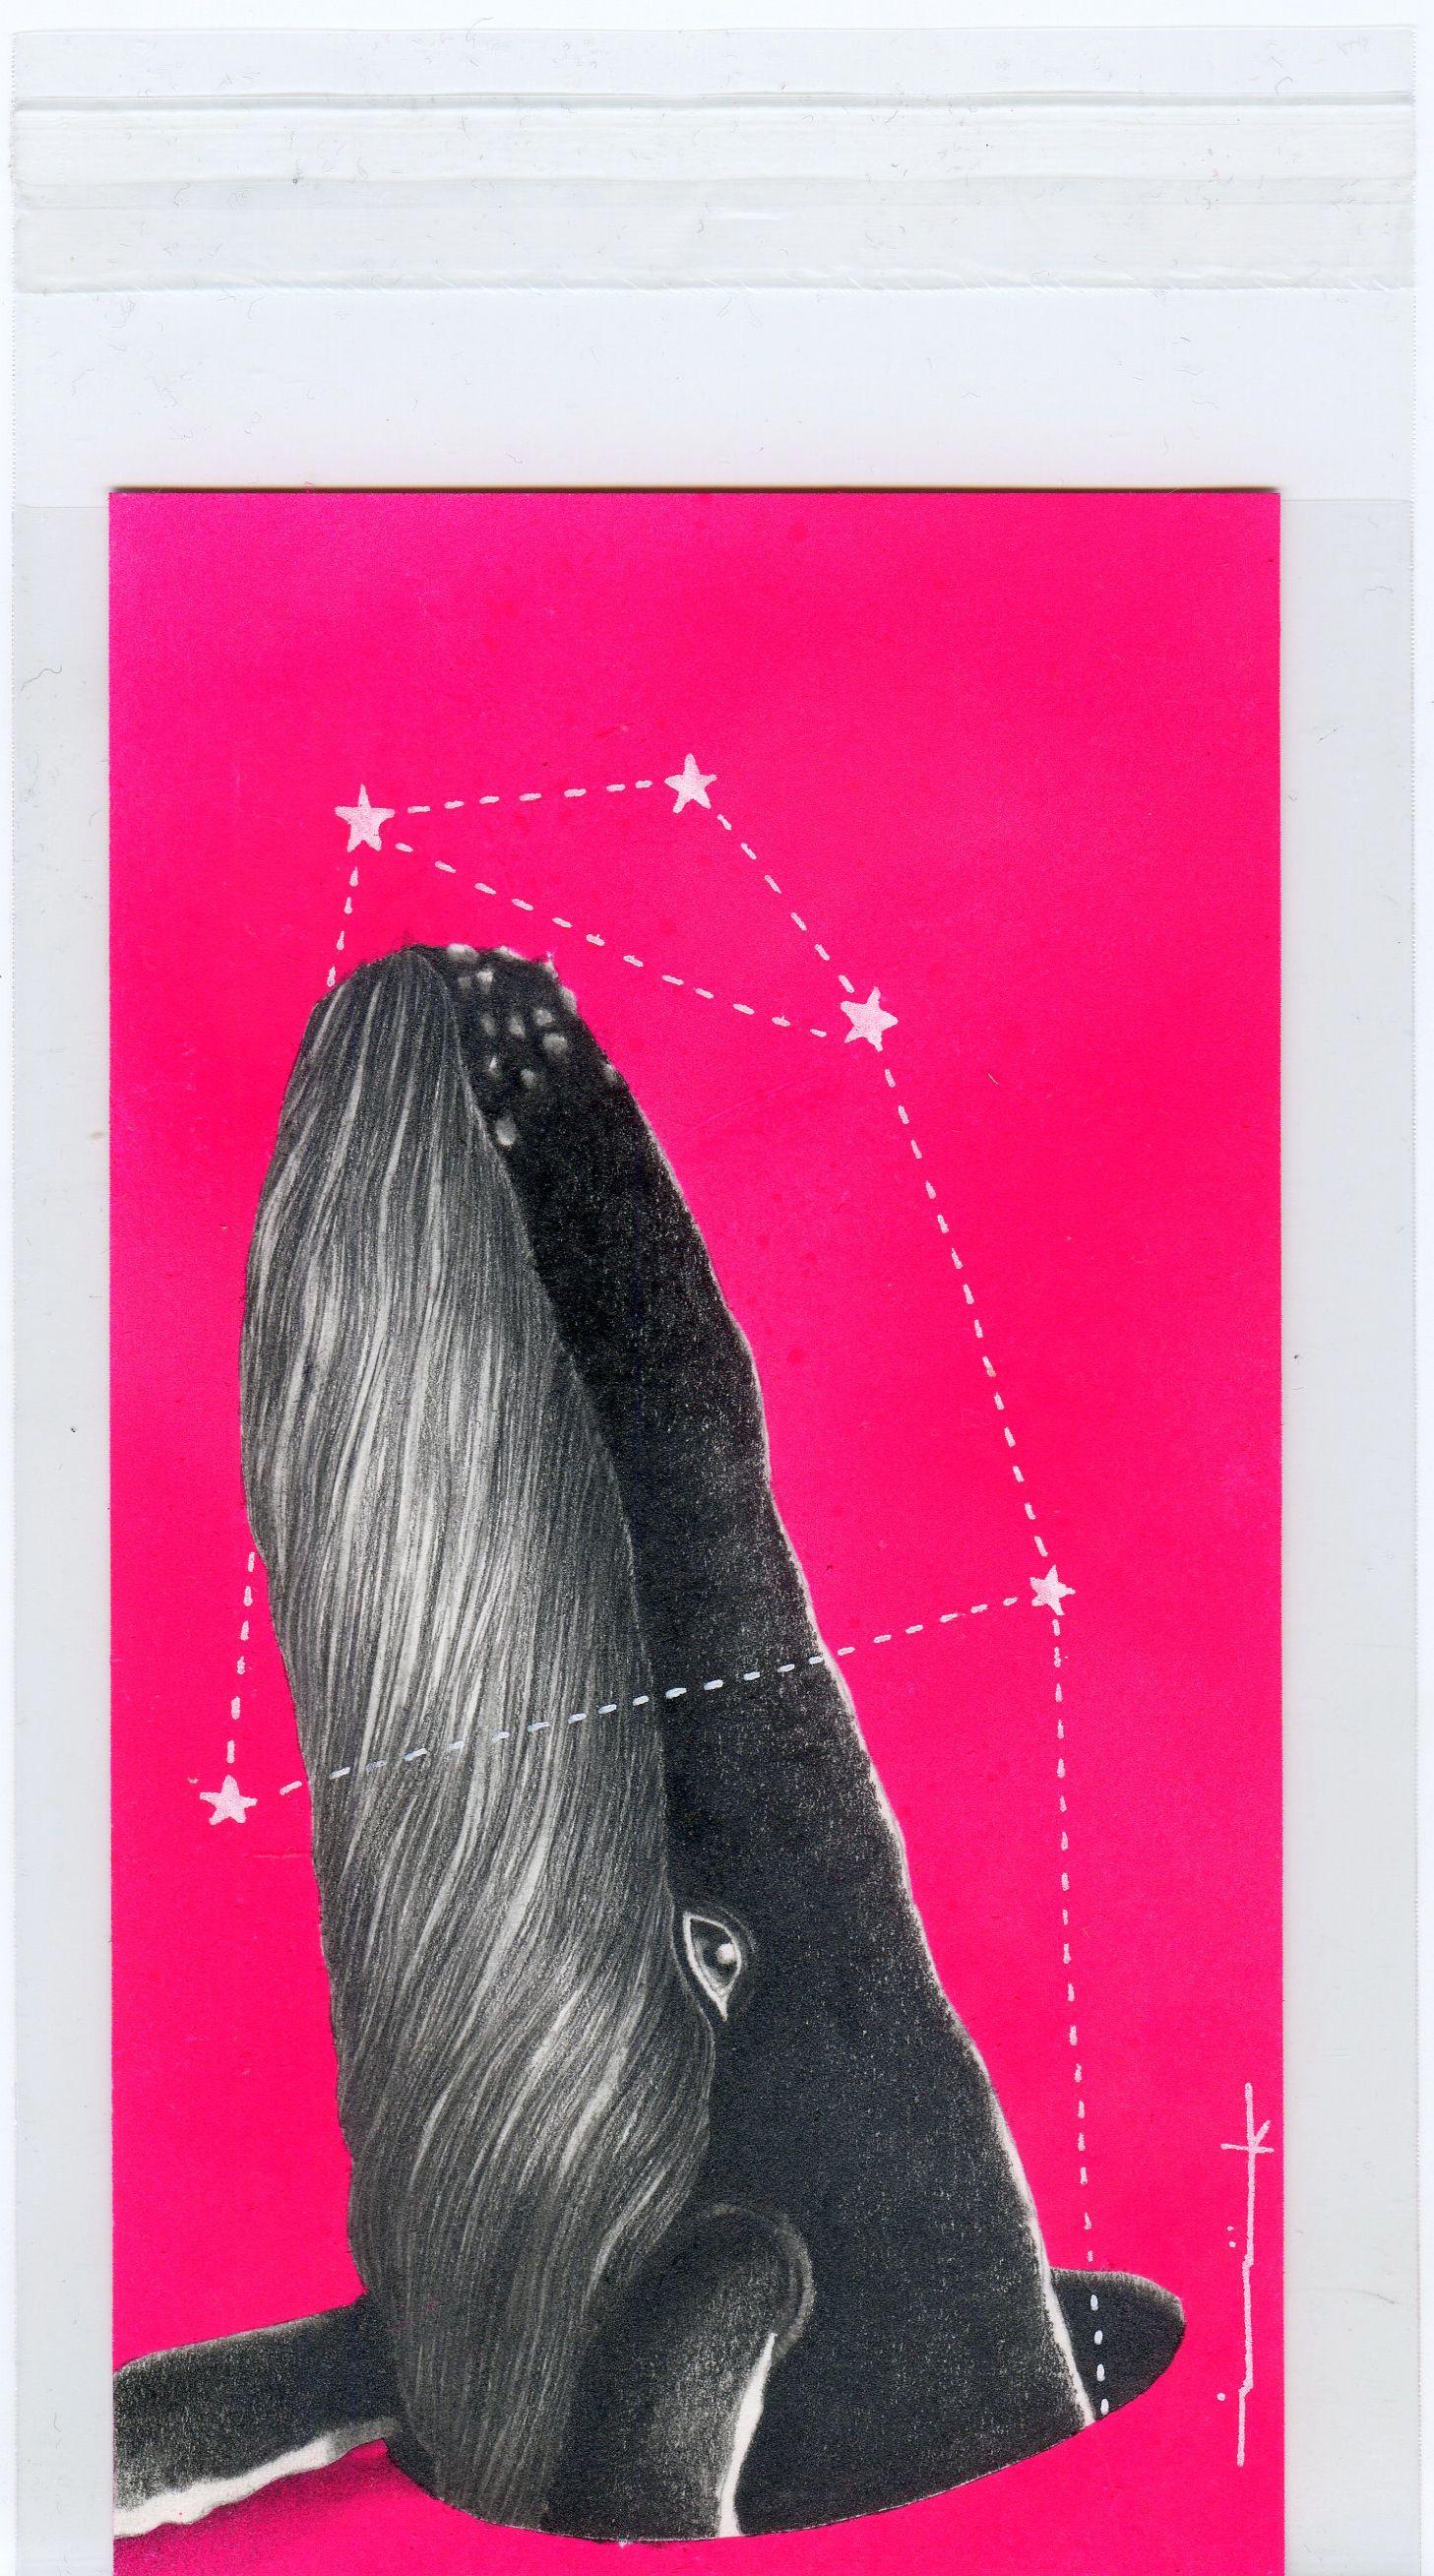 Whalescansaveus* #serie #miballenario #illustration #whales #isakaf #constellation #fate #destino